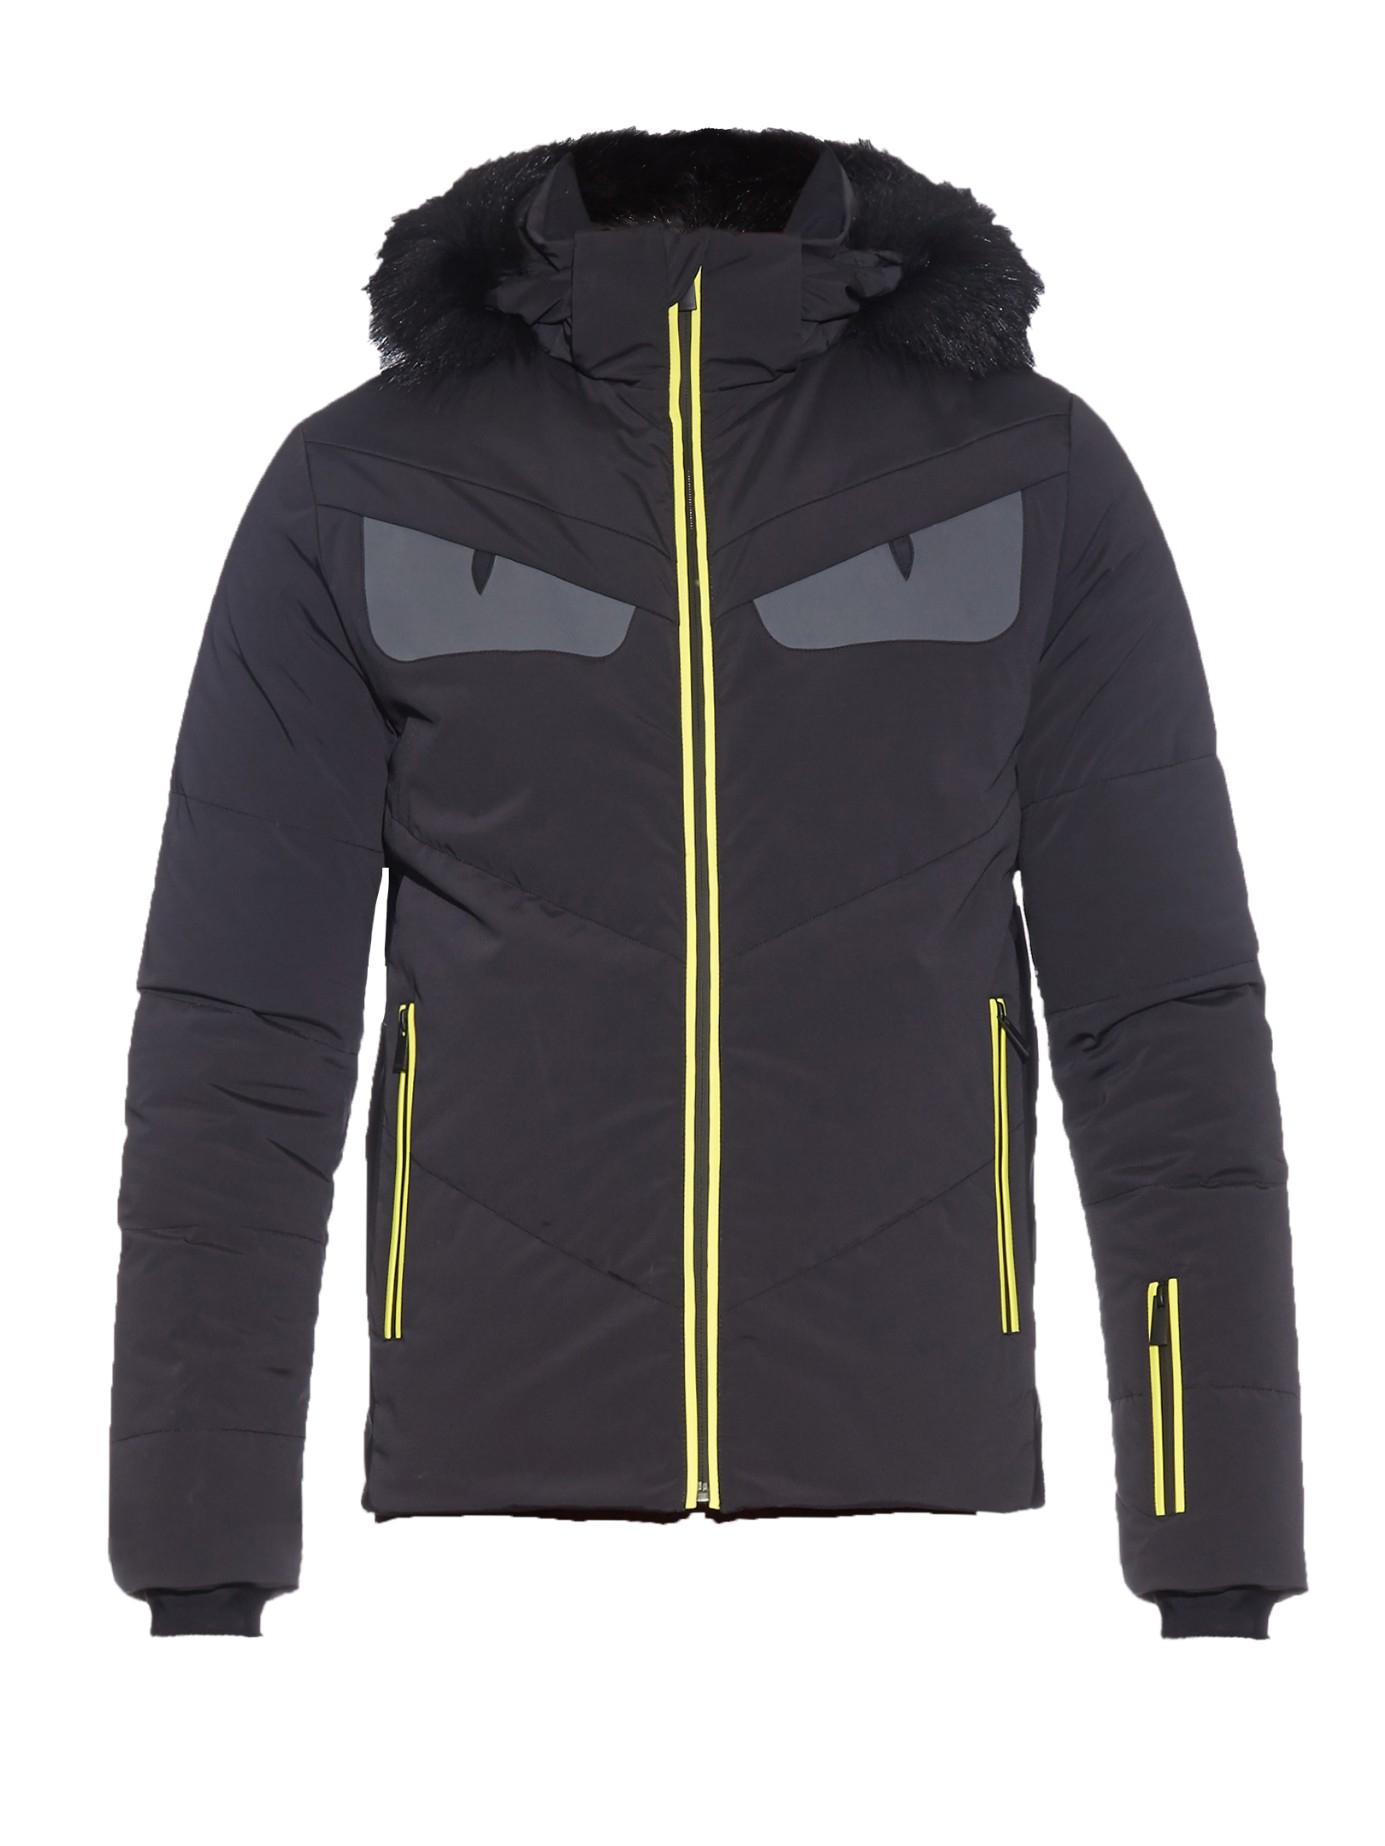 Fendi Bag Bugs Fur Trimmed Technical Ski Jacket In Black